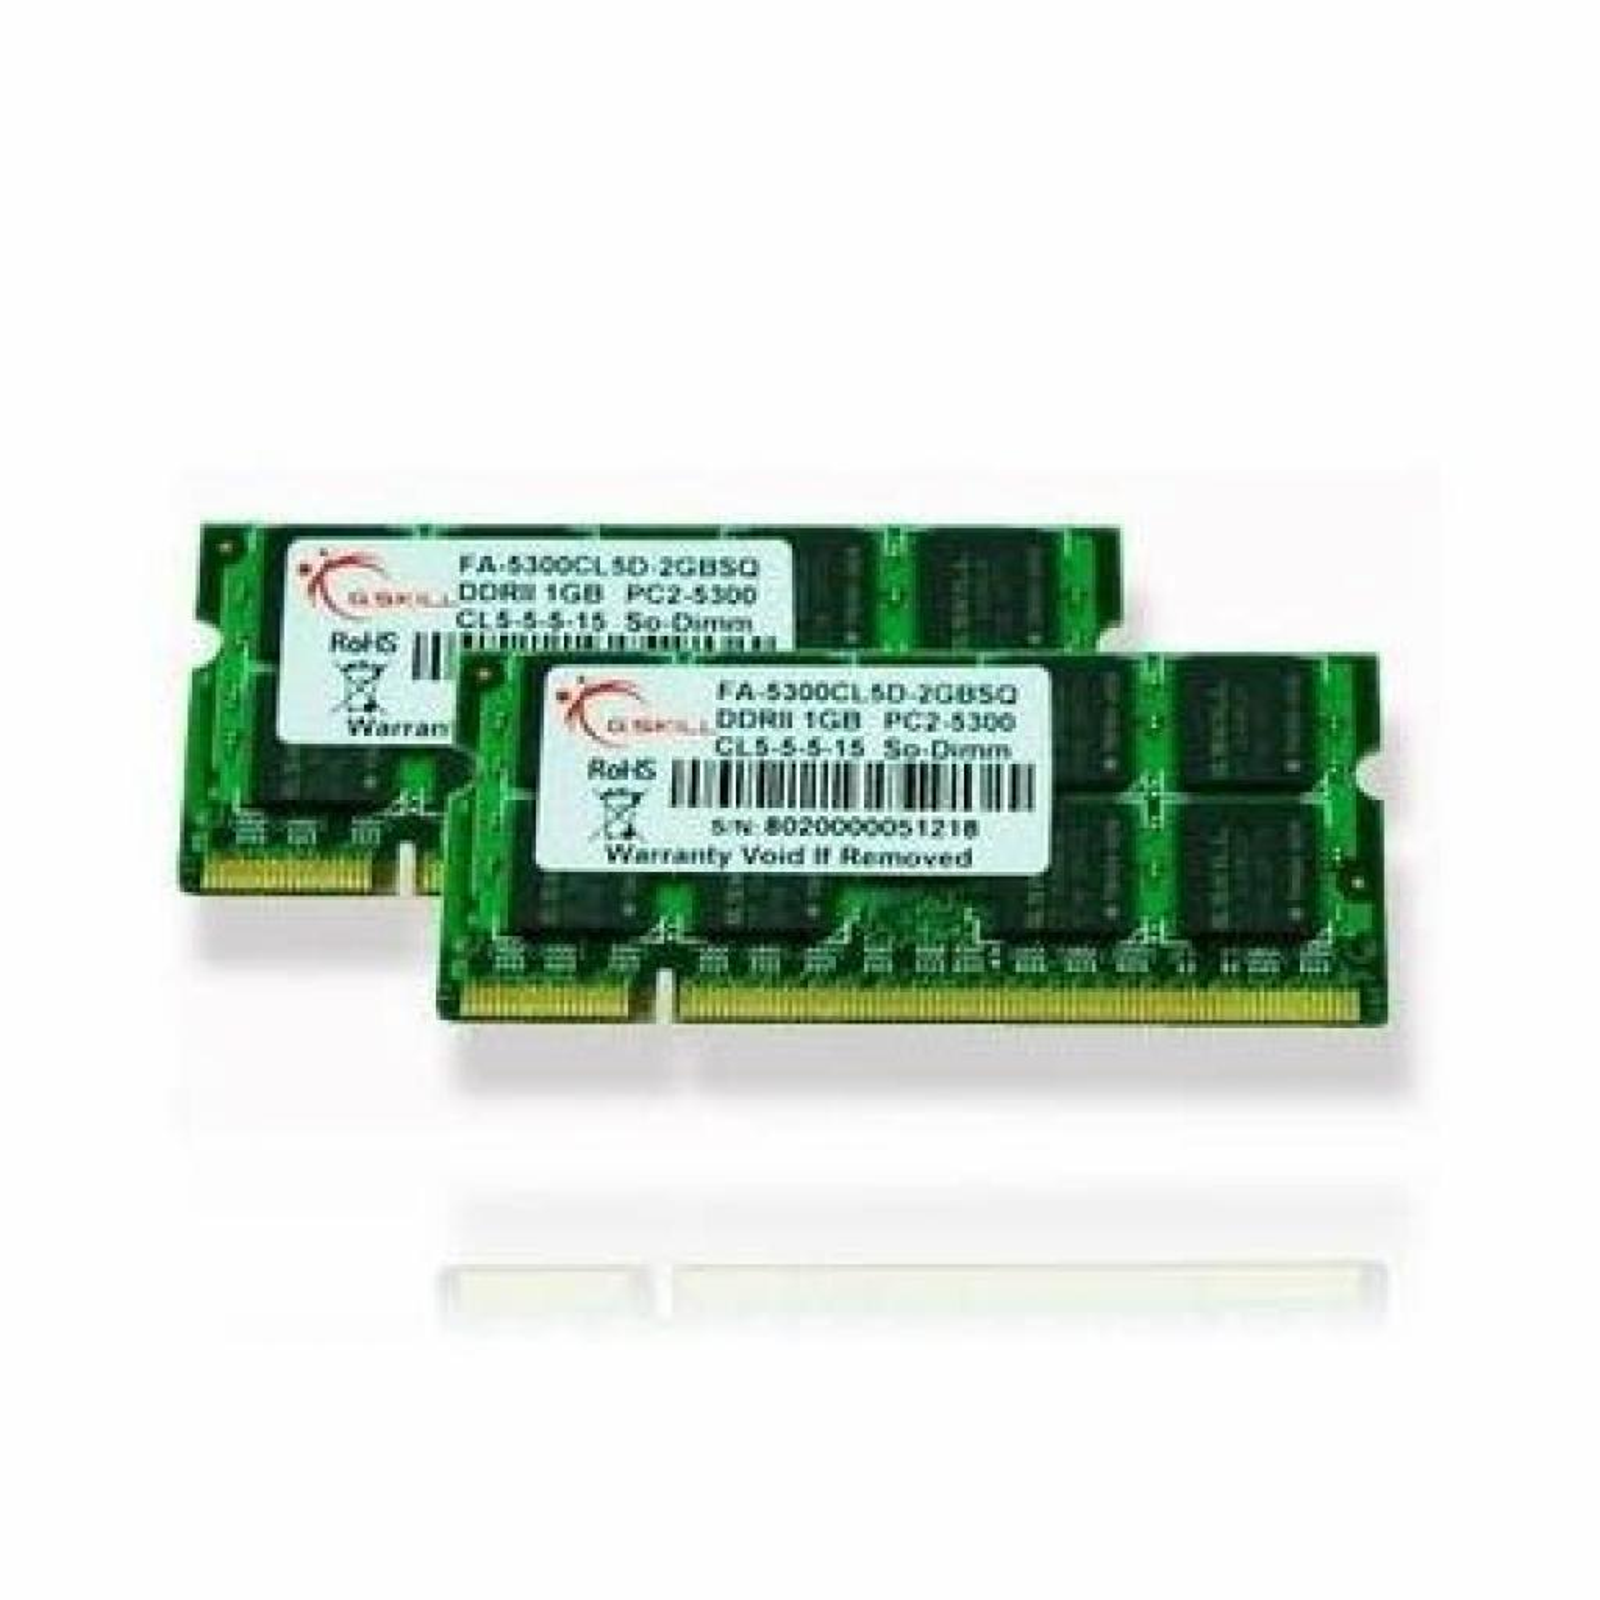 Модуль памяти для ноутбука SoDIMM DDR2 4GB (2x2GB) 667 MHz G.Skill (FA-5300CL5D-4GBSQ)